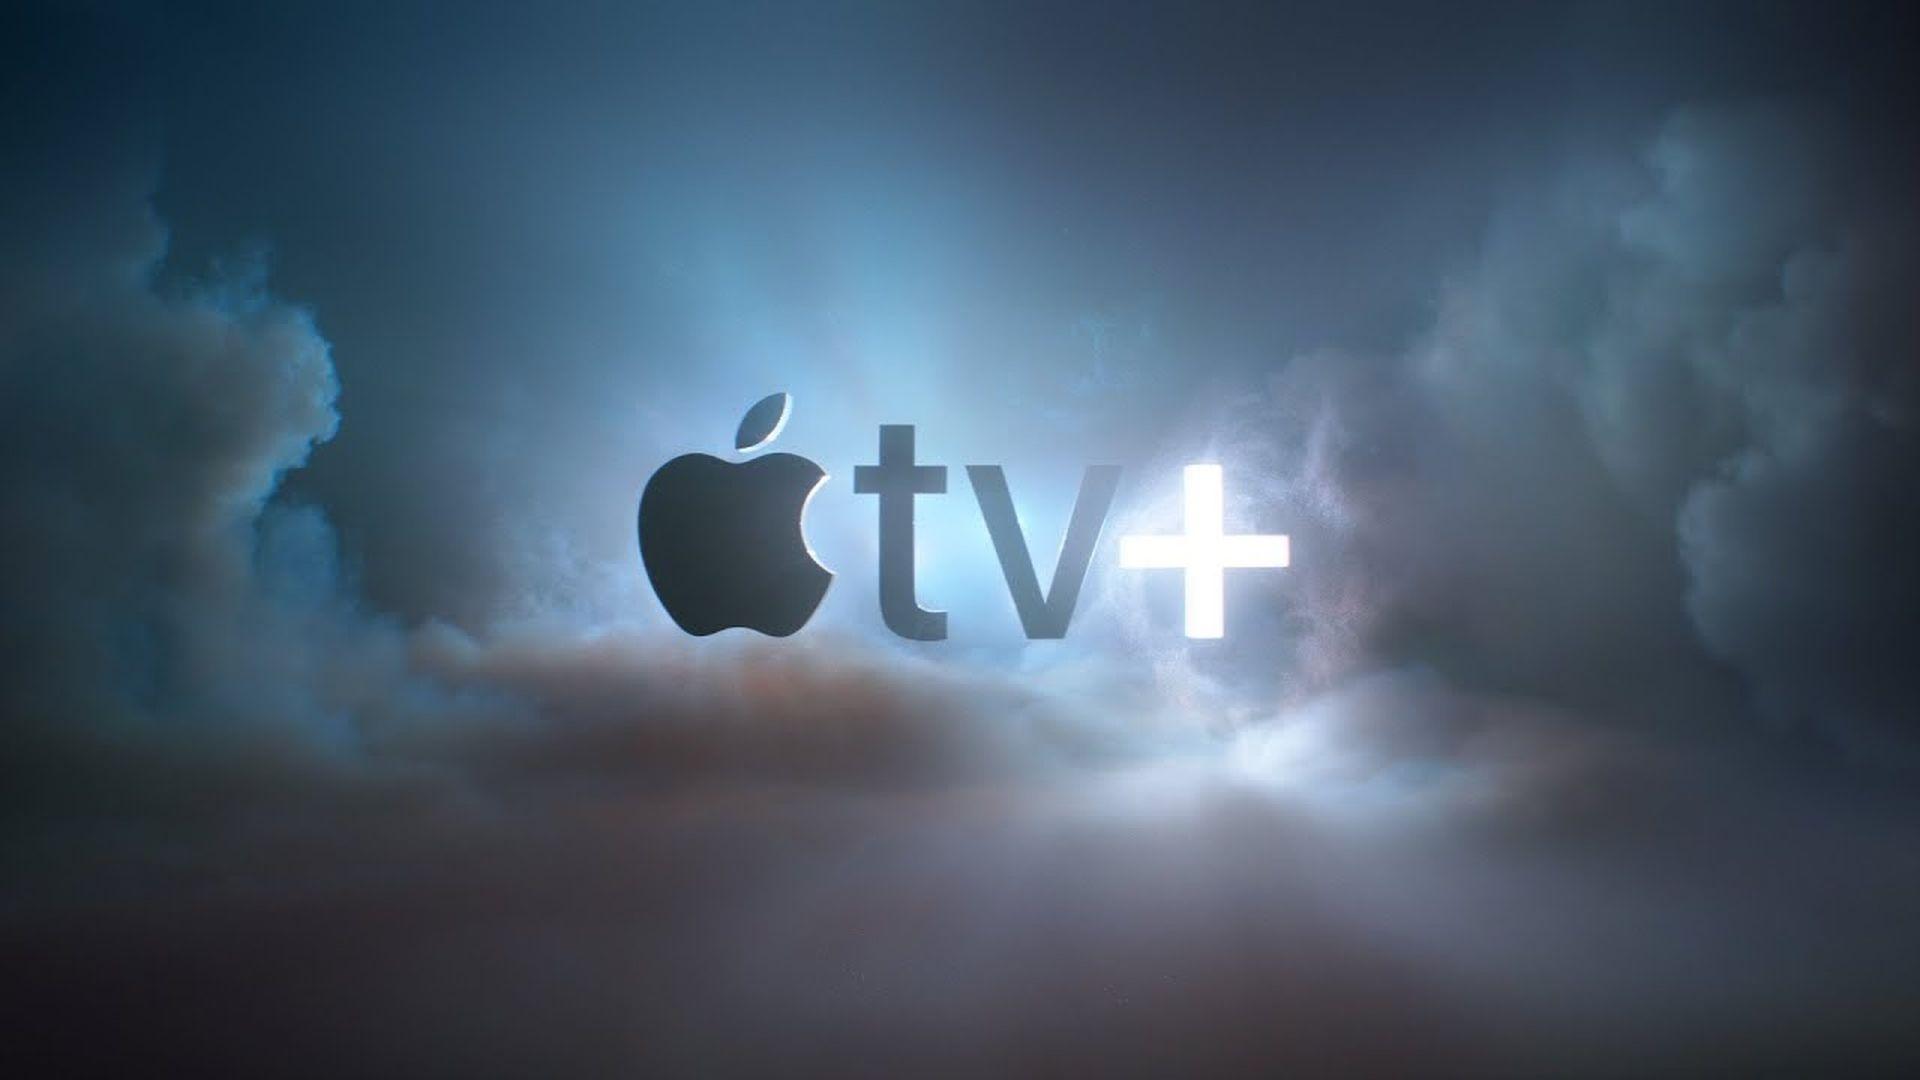 Studenci z usługą Apple Music otrzymają za darmo Apple TV+